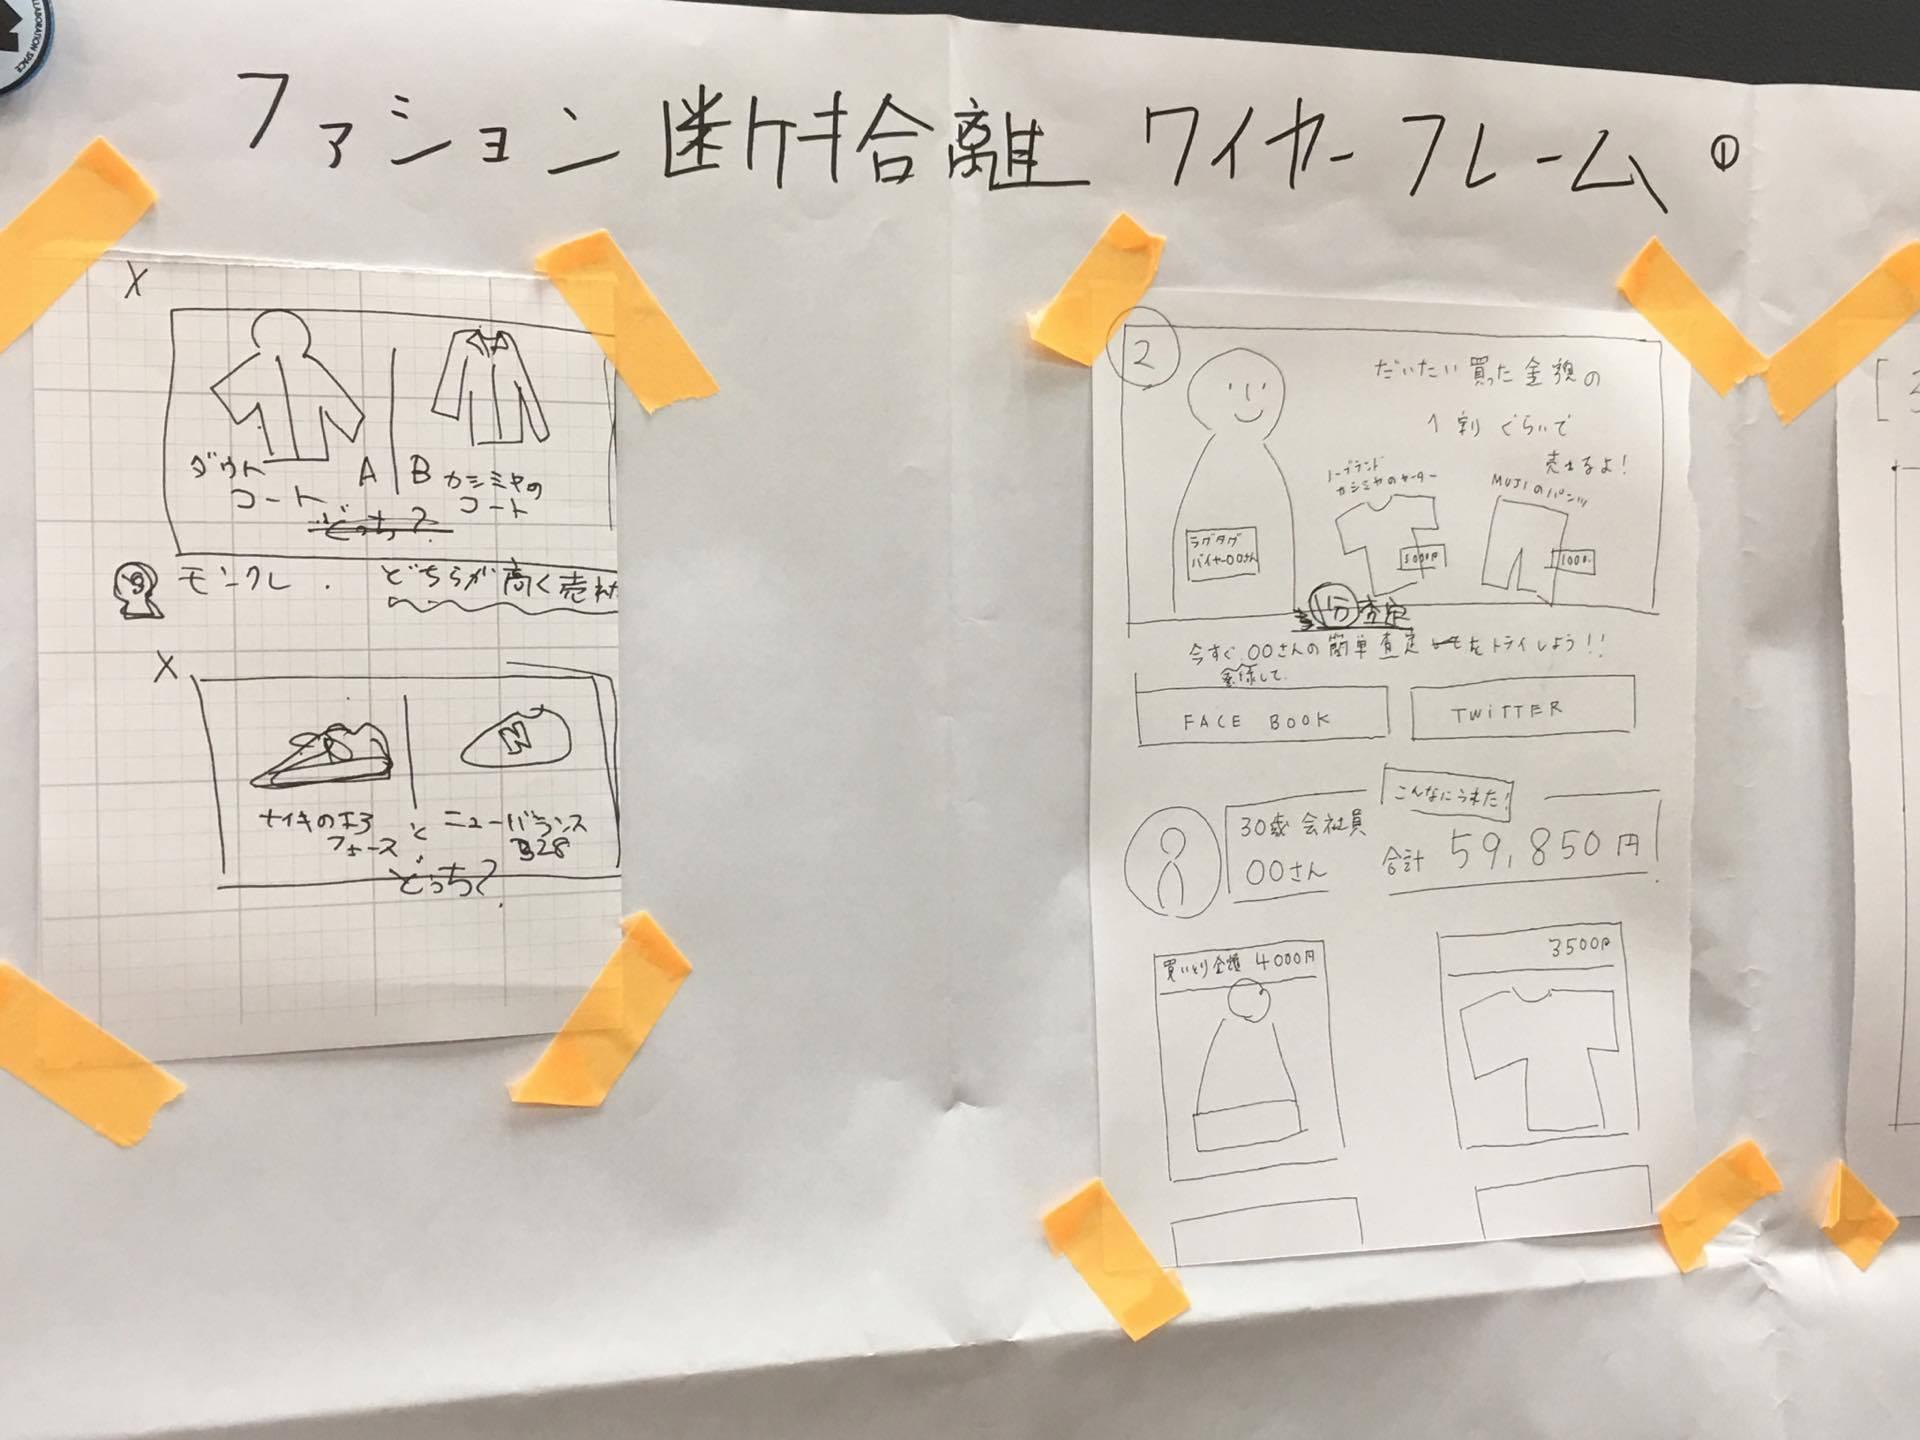 デザインスプリント実践ワークショップ